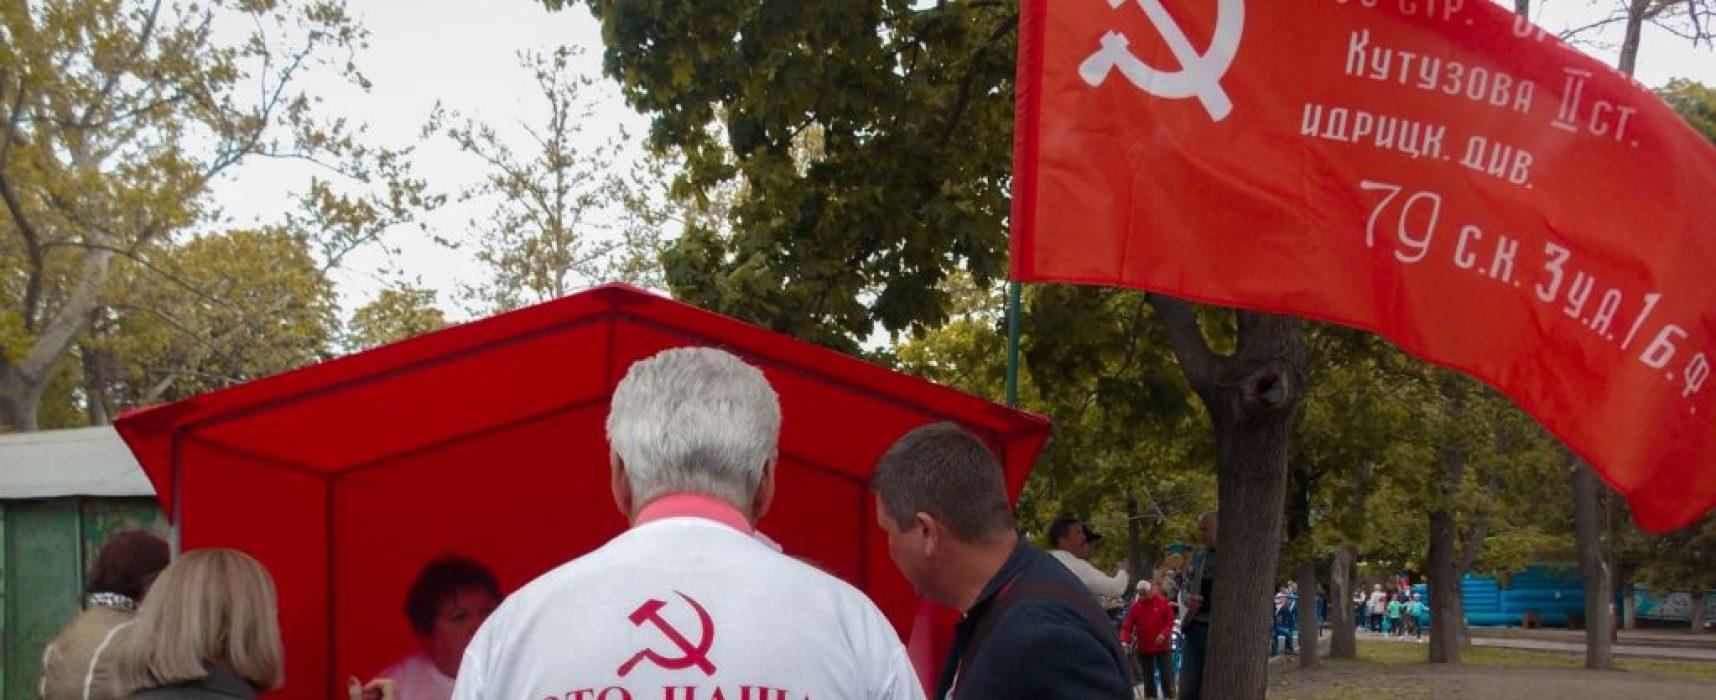 Максим Кобза: Конец карнавала